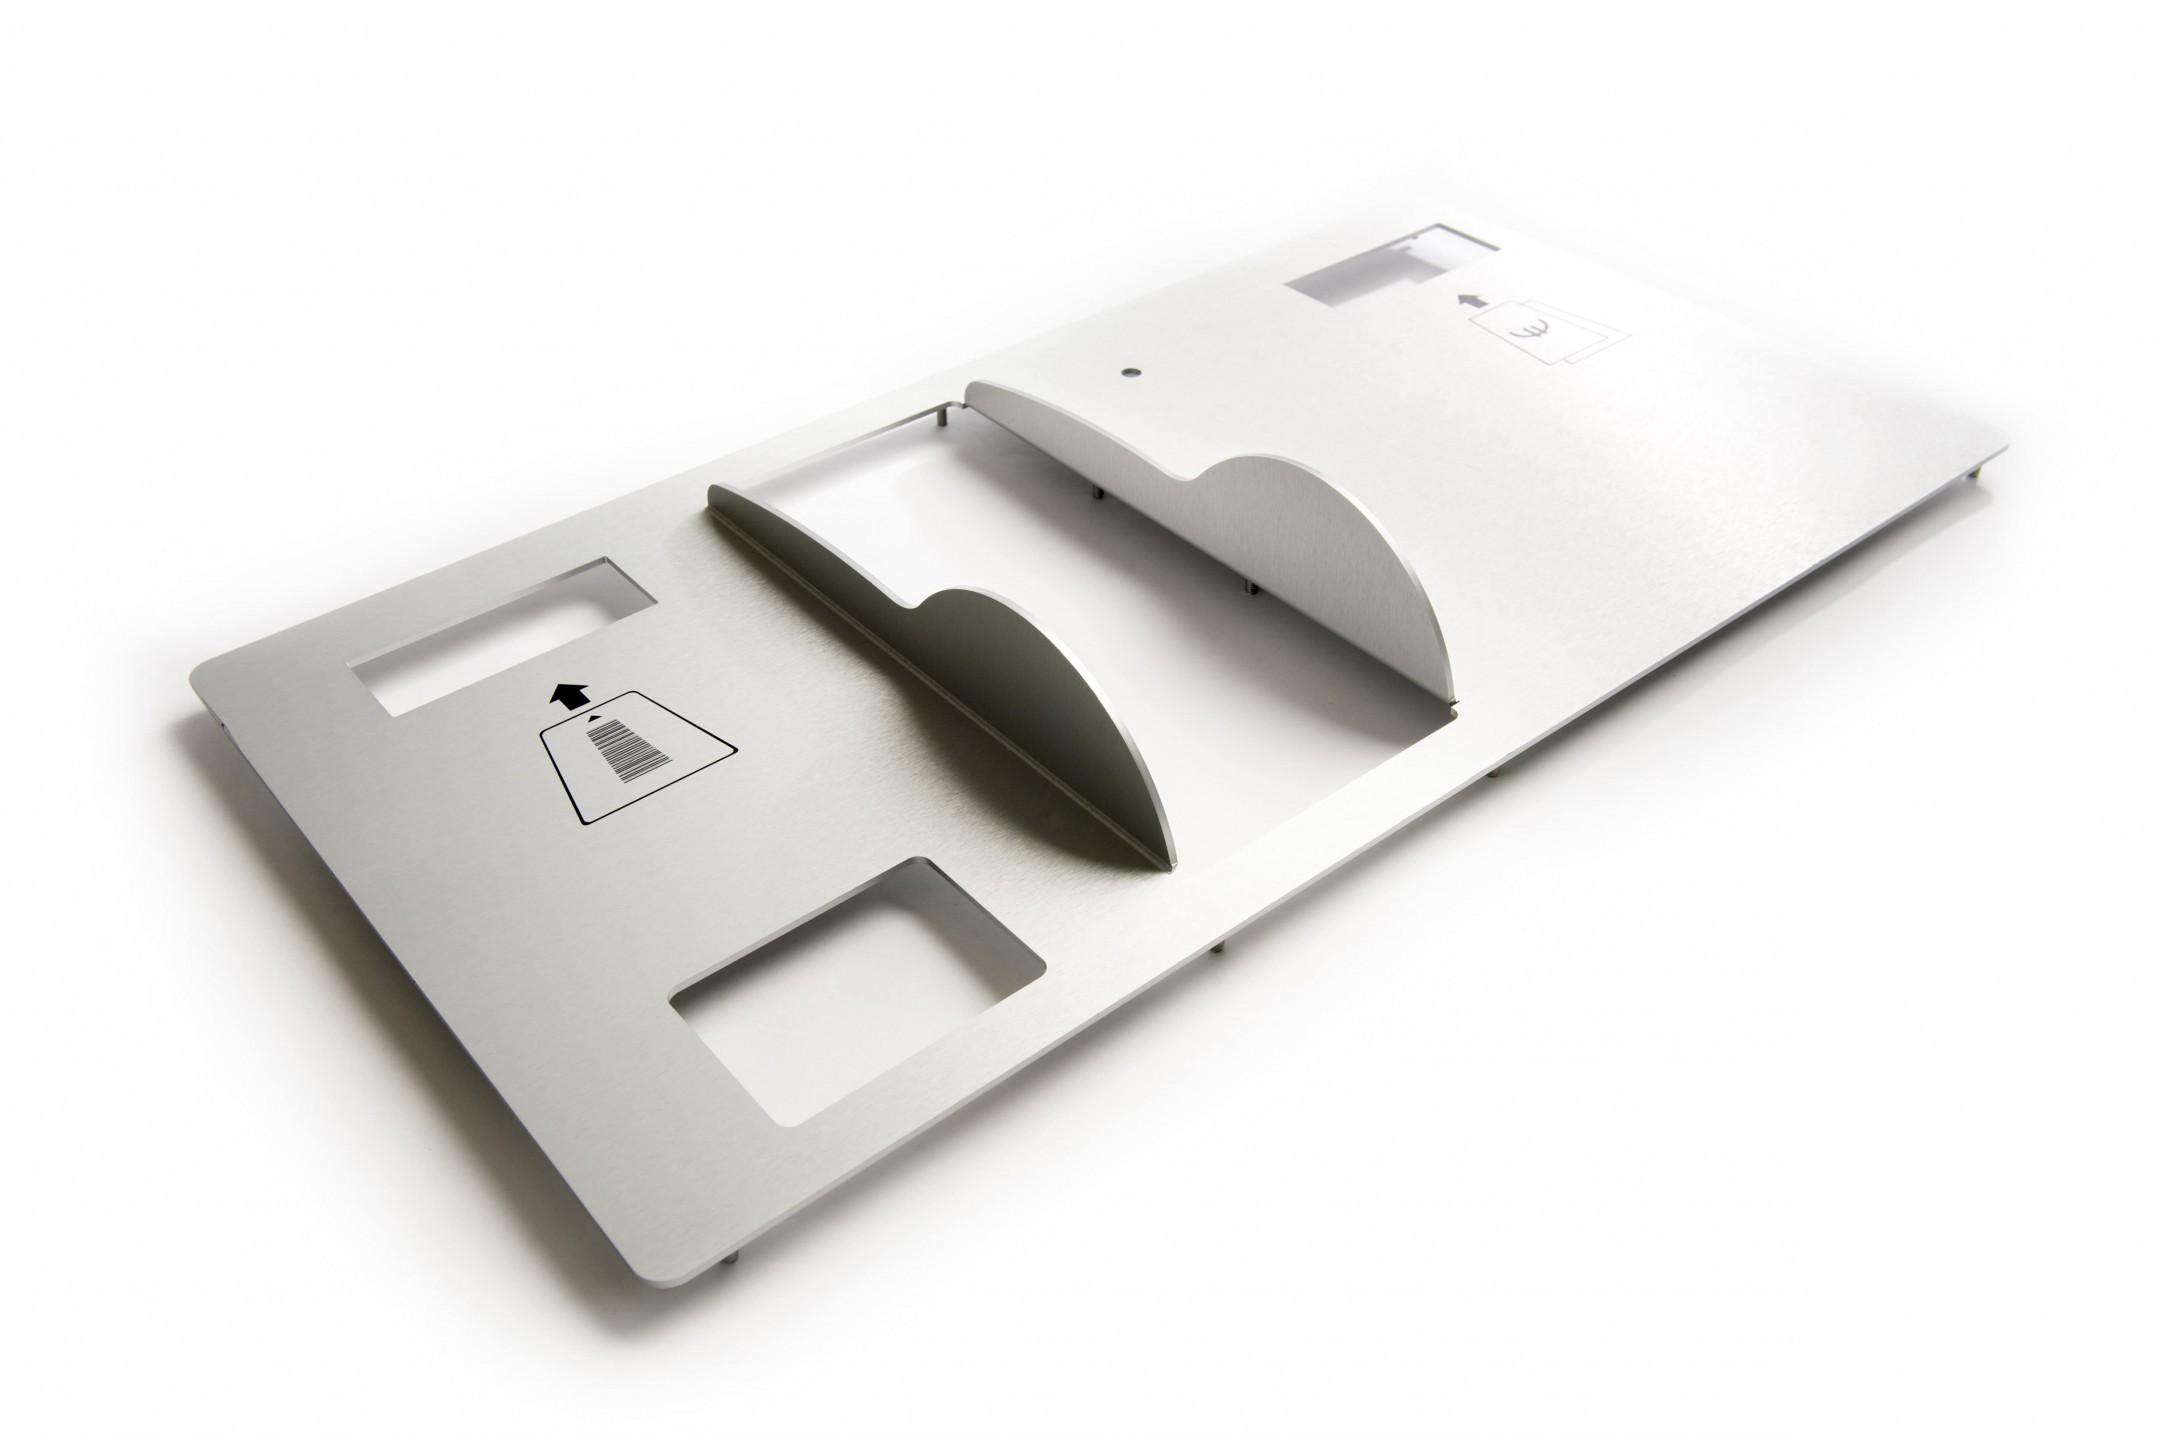 Vervaardigen van frontpanelen (CNC Frezen/CNC Kanten/CNC Stiftlassen/Slijpen/Hoogglanzend blank anodiseren/indruk bedrukken van frontpanelen)